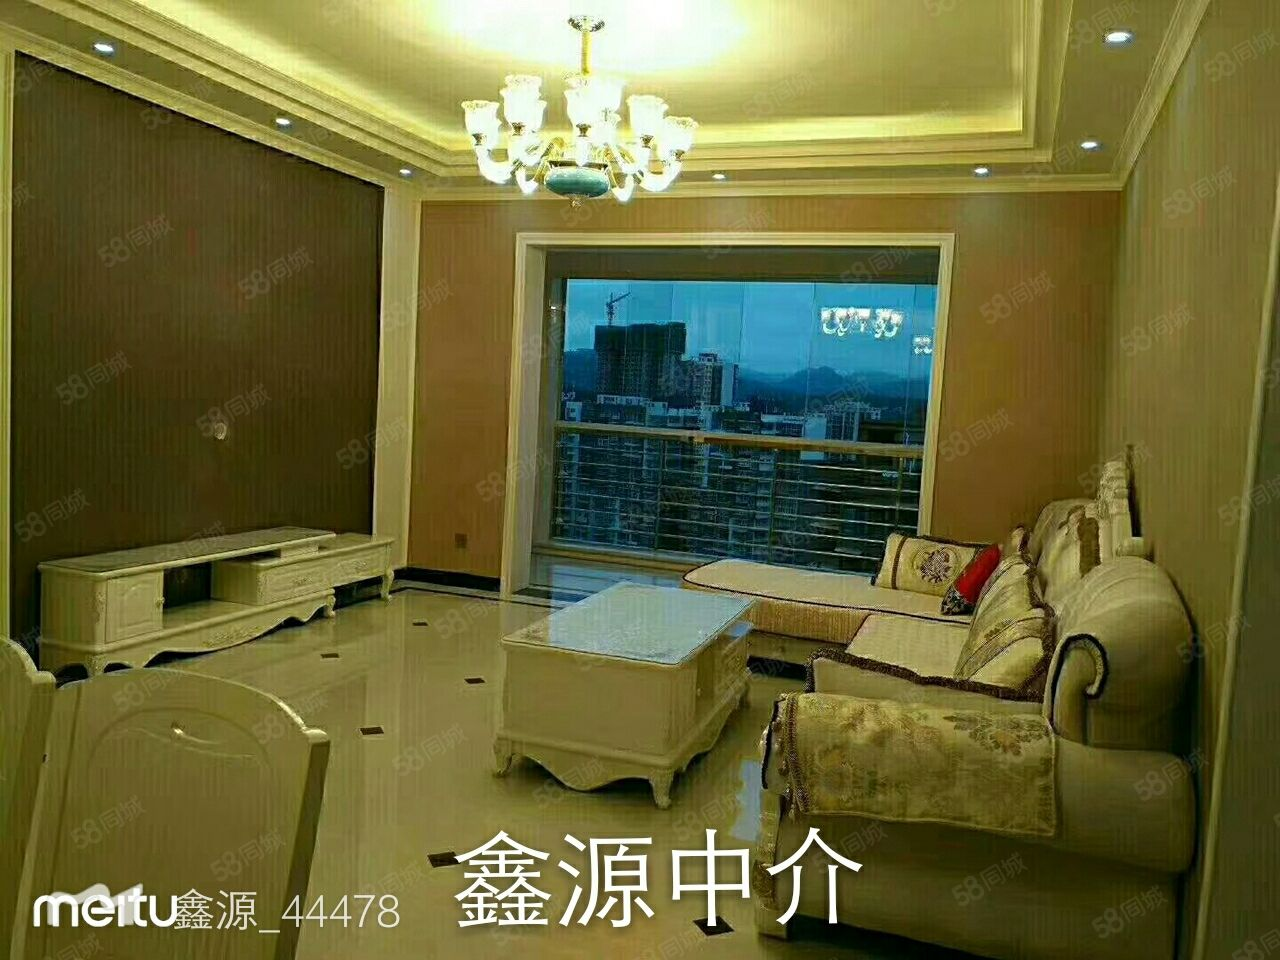 美麗新城19樓,126平米,四室二廳二衛帶家具家電